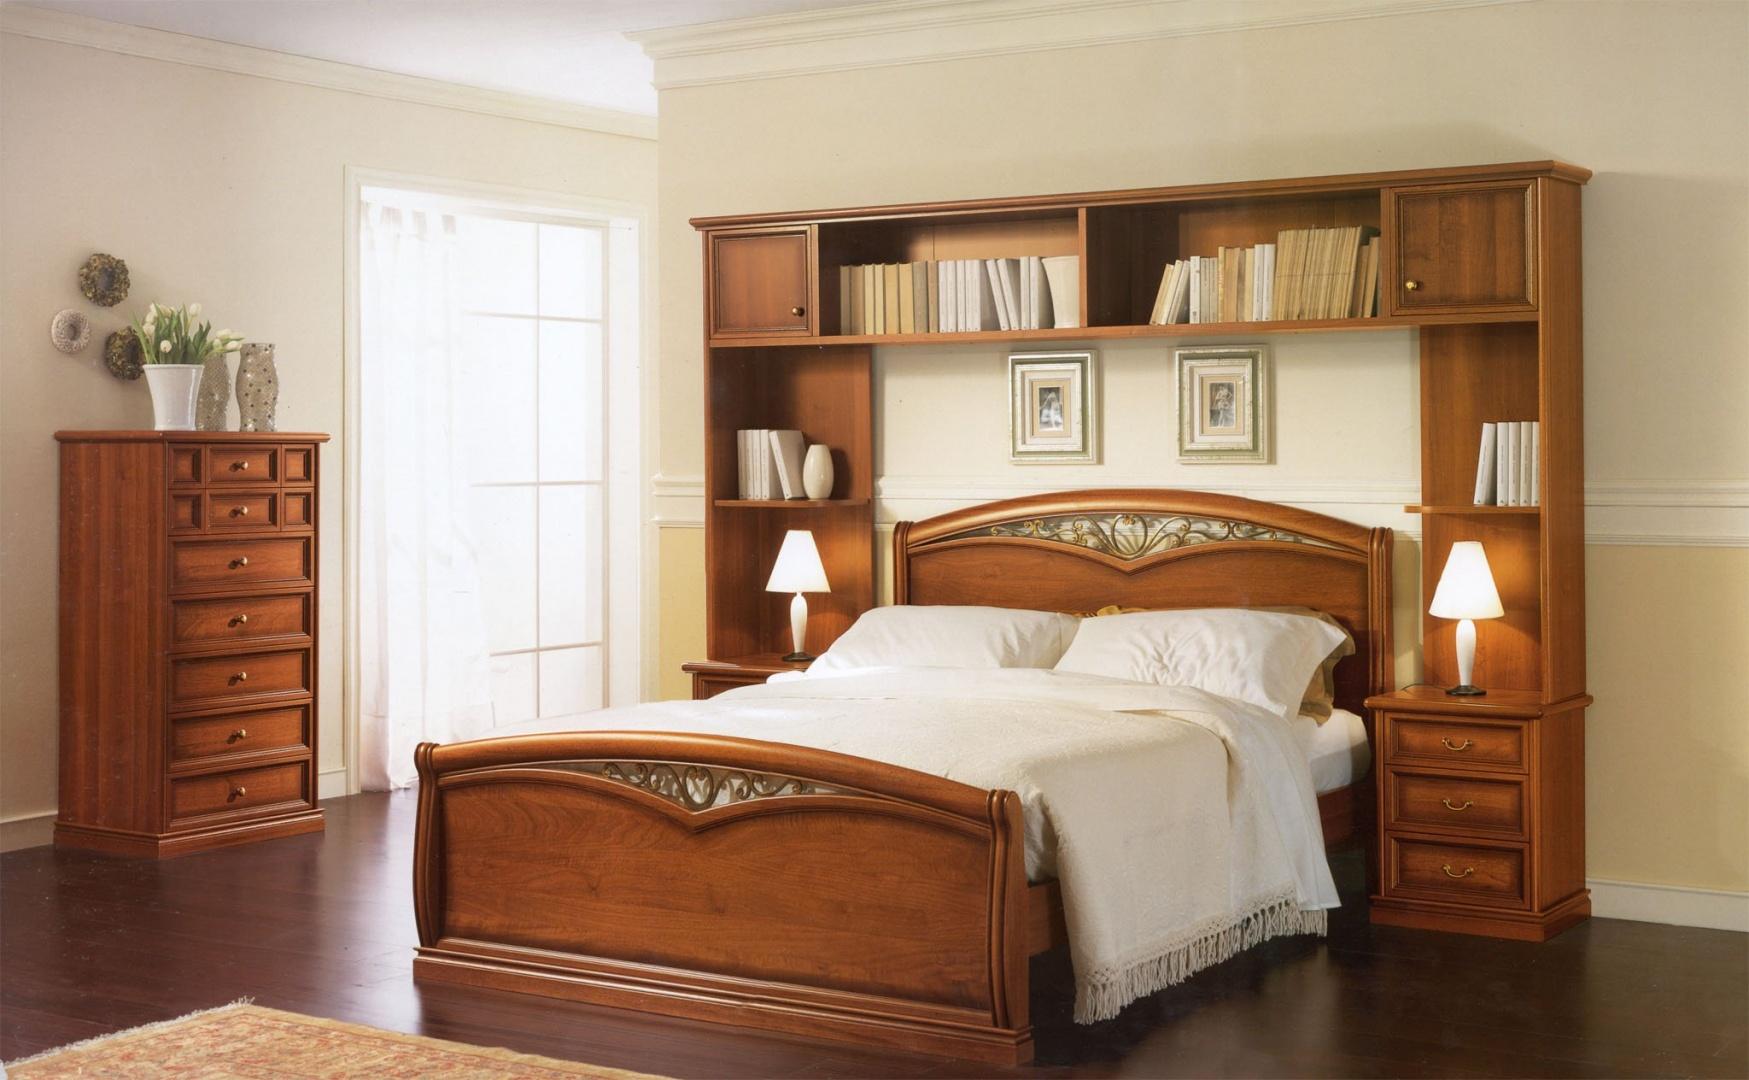 Aurora Классическая спальня IM182